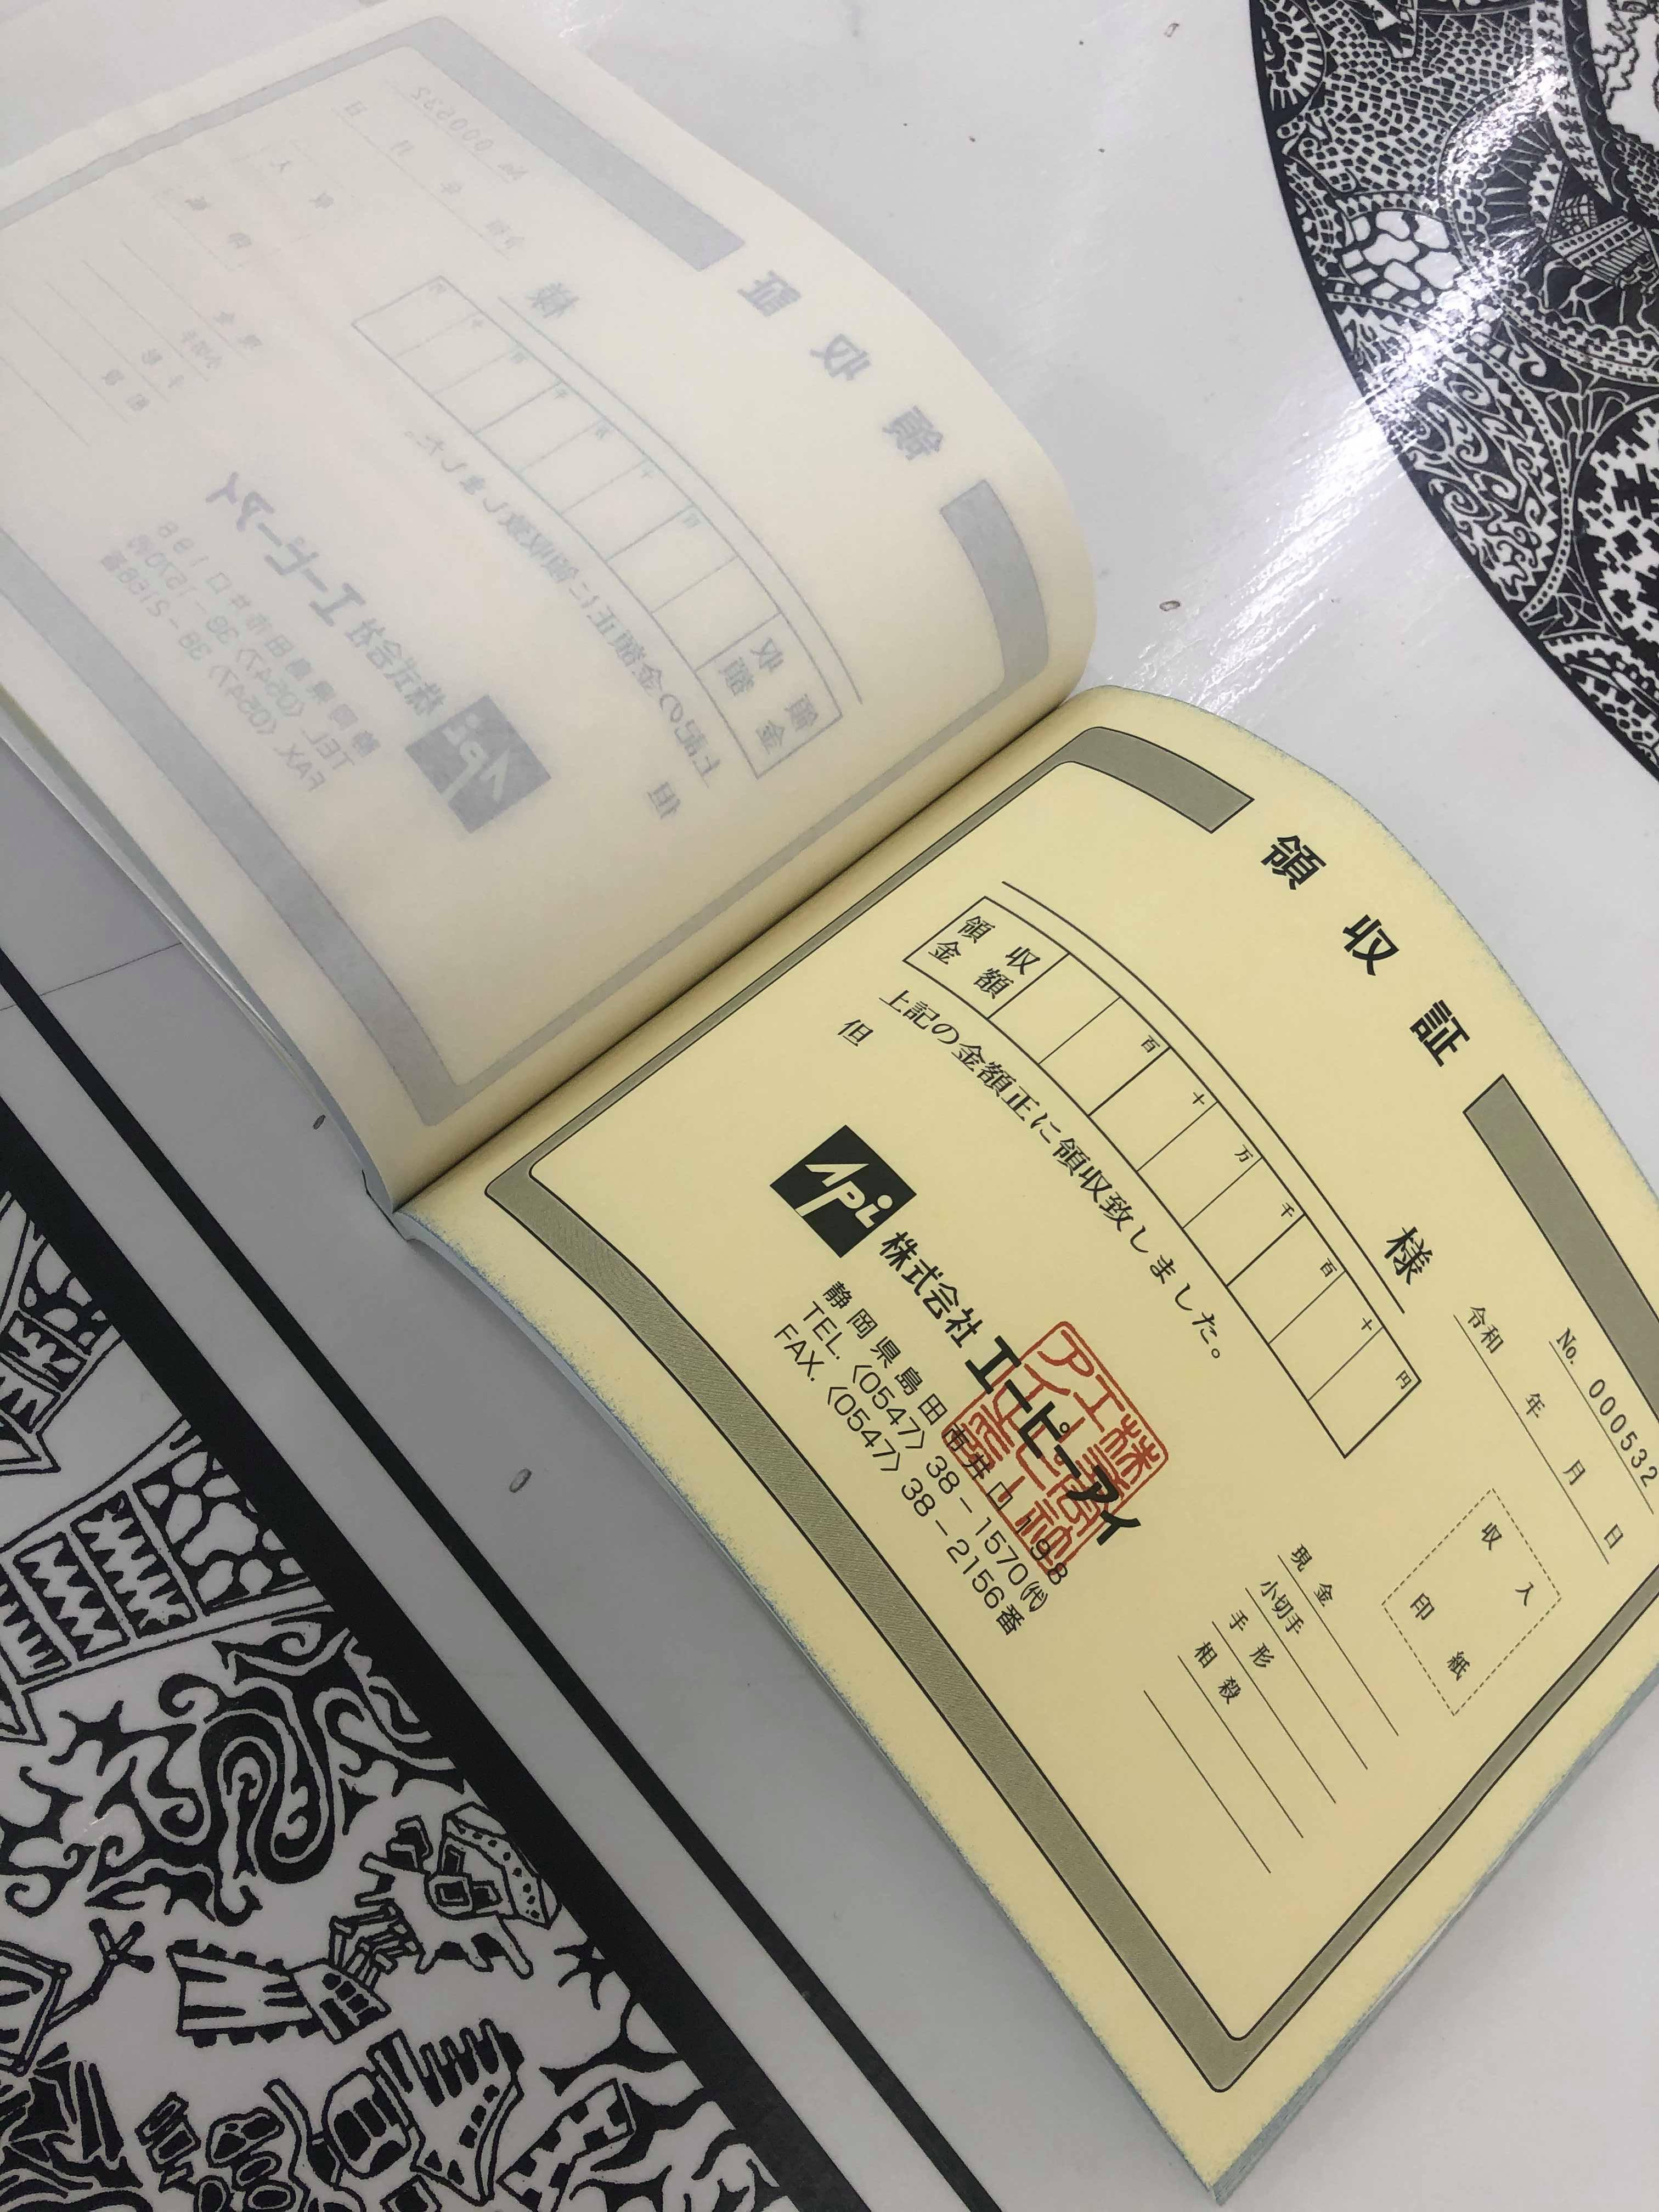 伝票などに使われる紙の仕組み